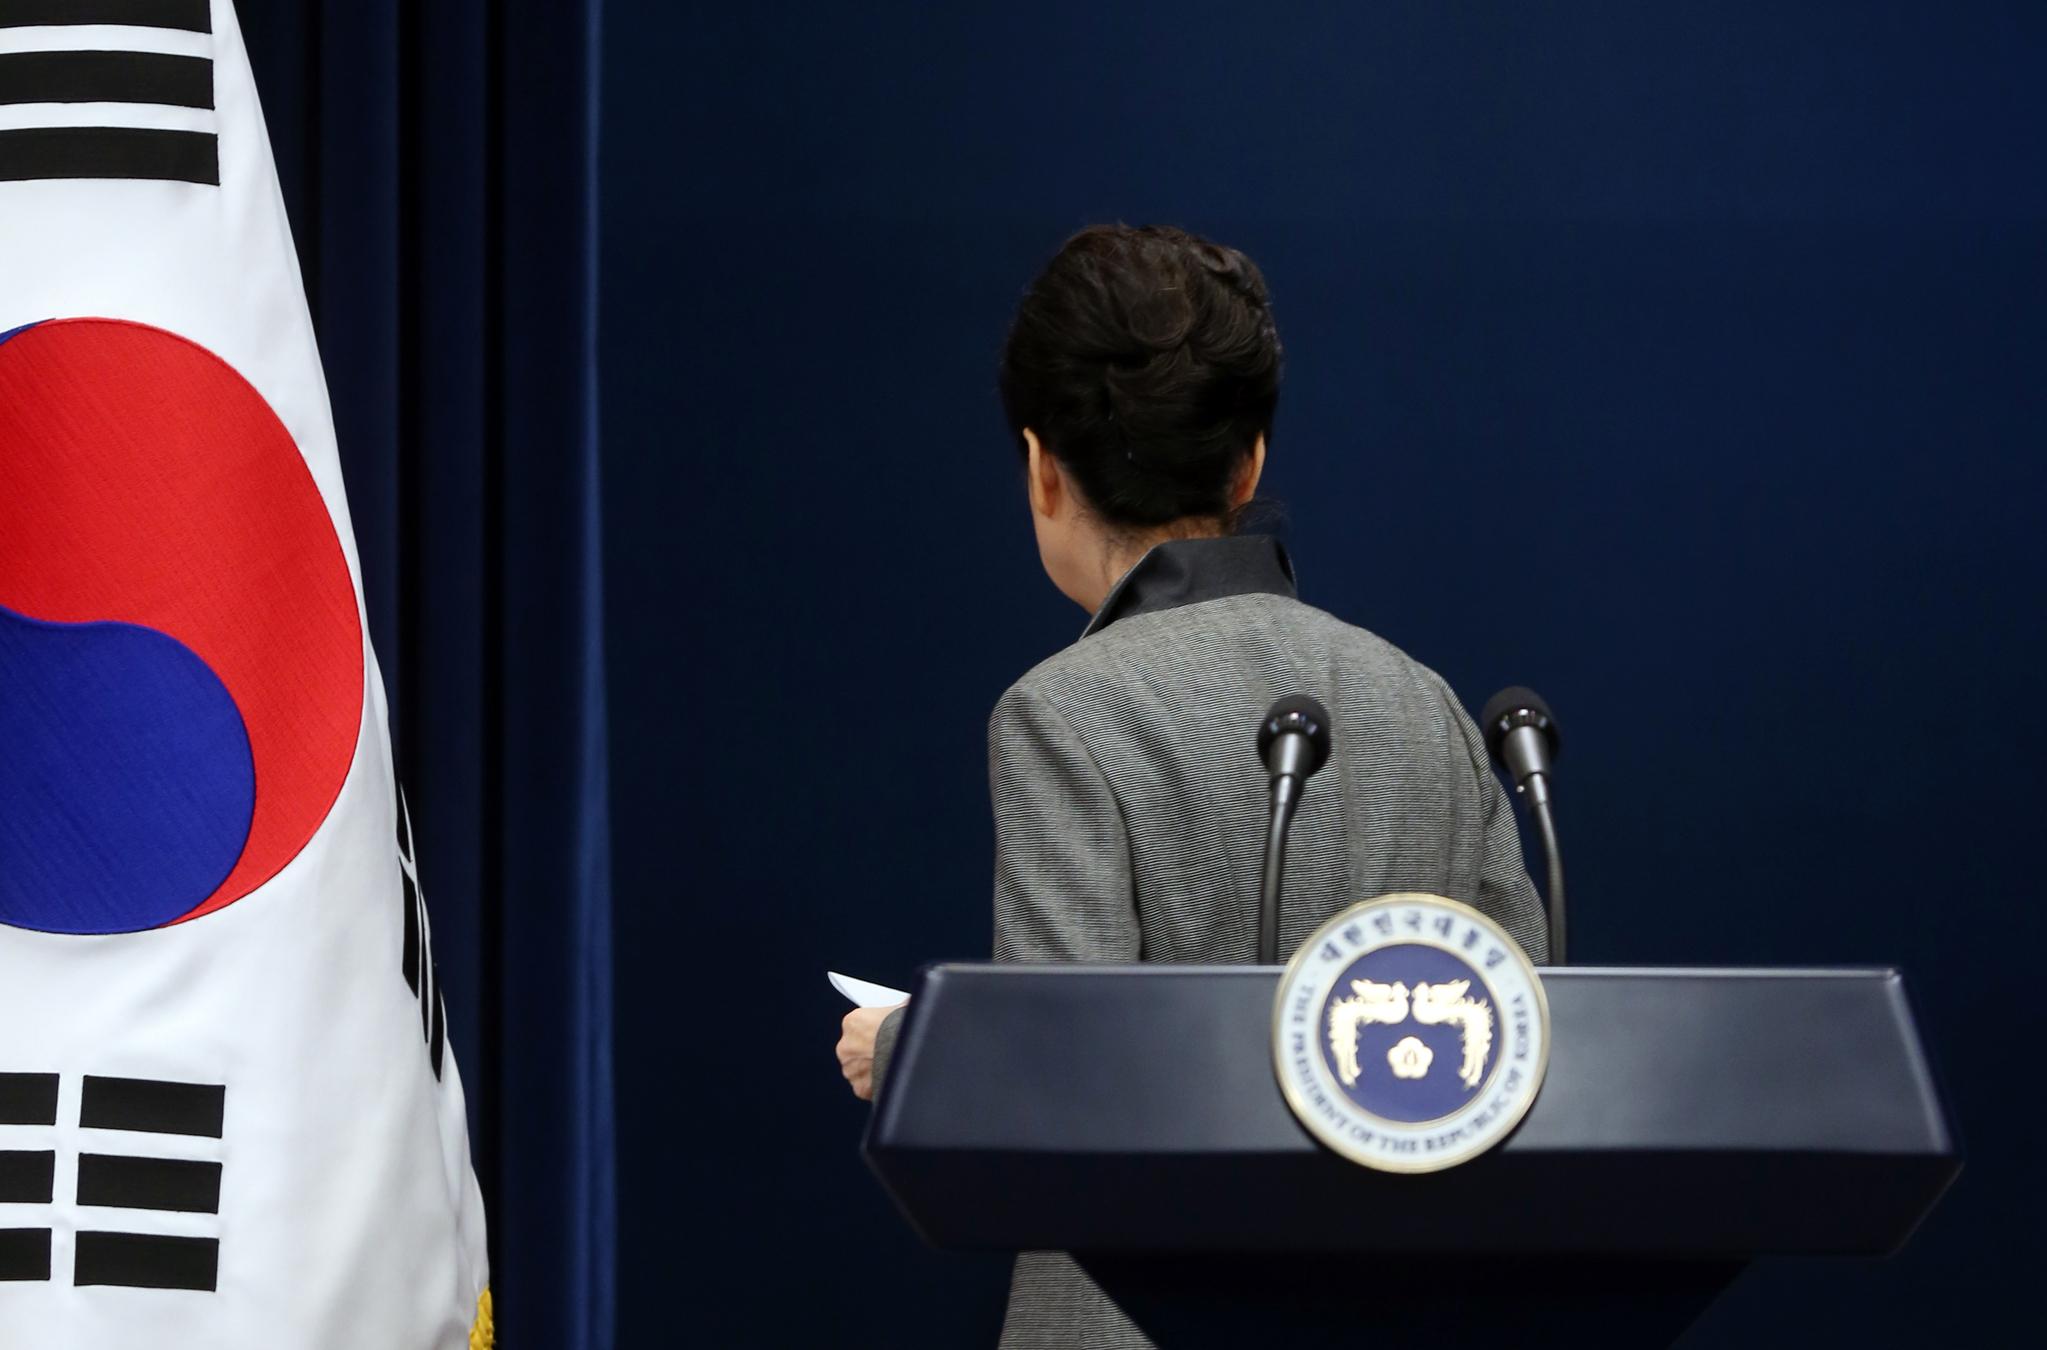 박근혜 대통령이 2016년 11월 29일 청와대 브리핑룸에서 3차 대국민담화를 발표한 후 퇴장하고 있다. 김성룡 기자